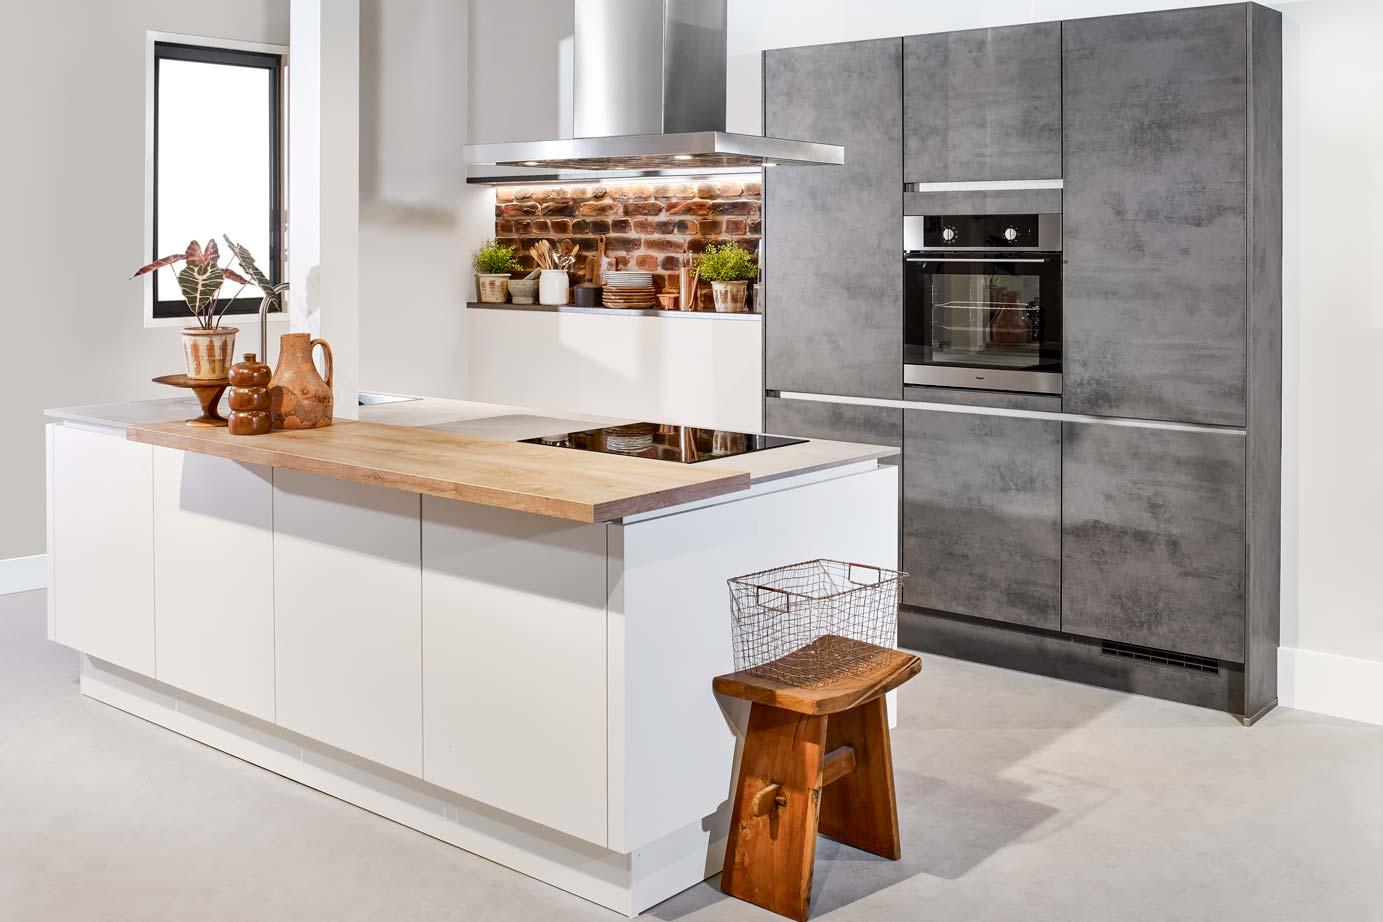 Hoek Keuken Modellen : Moderne keukens incl foto s en prijzen db keukens